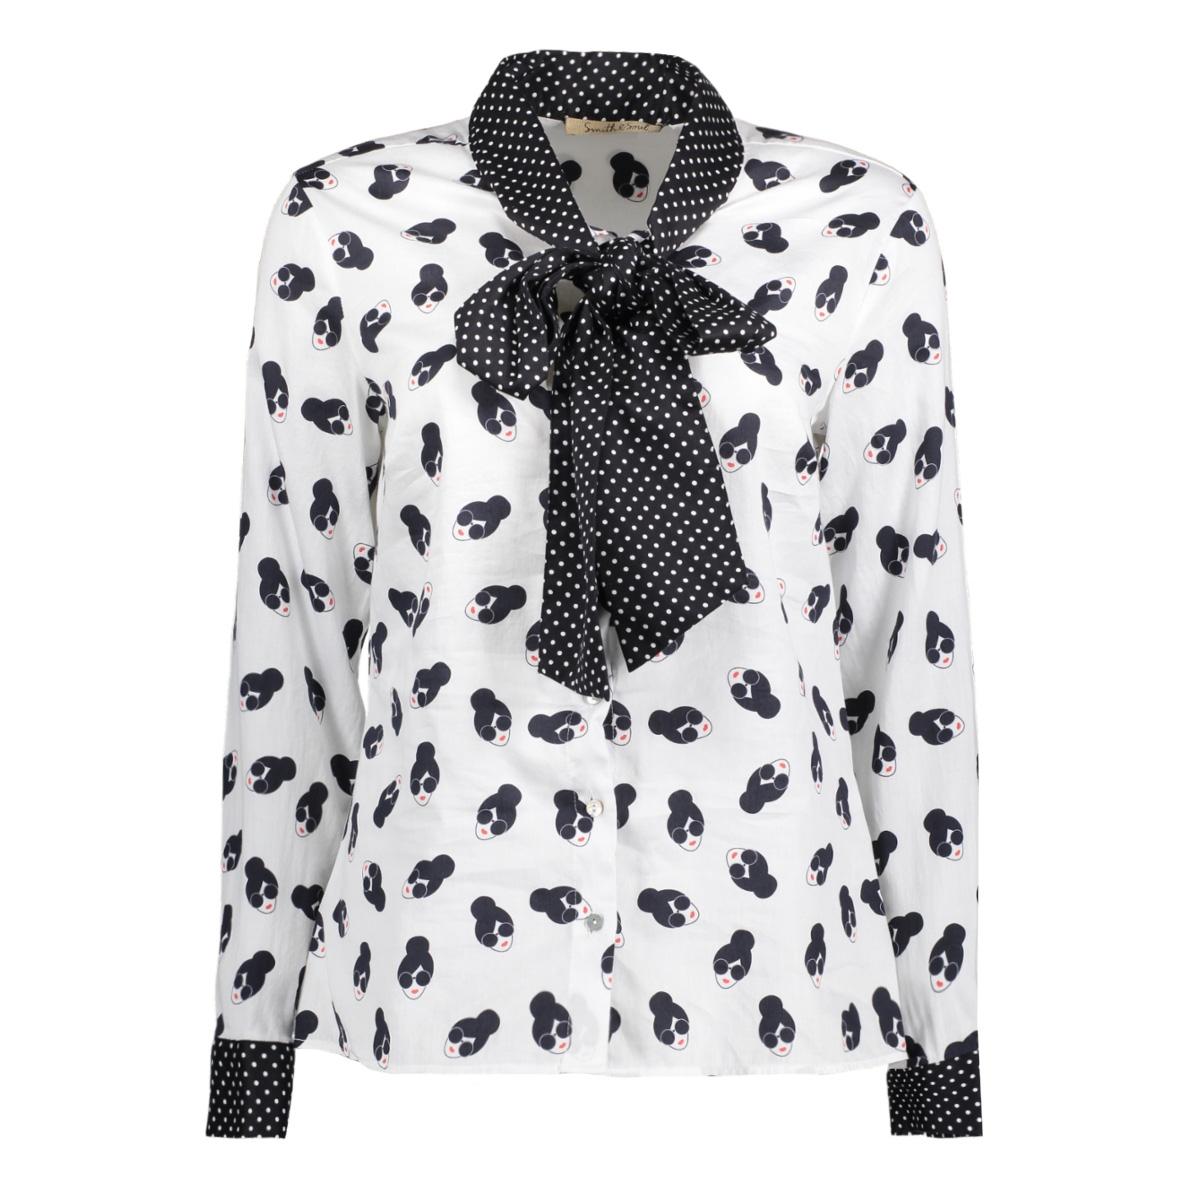 09183147 smith & soul blouse 5431